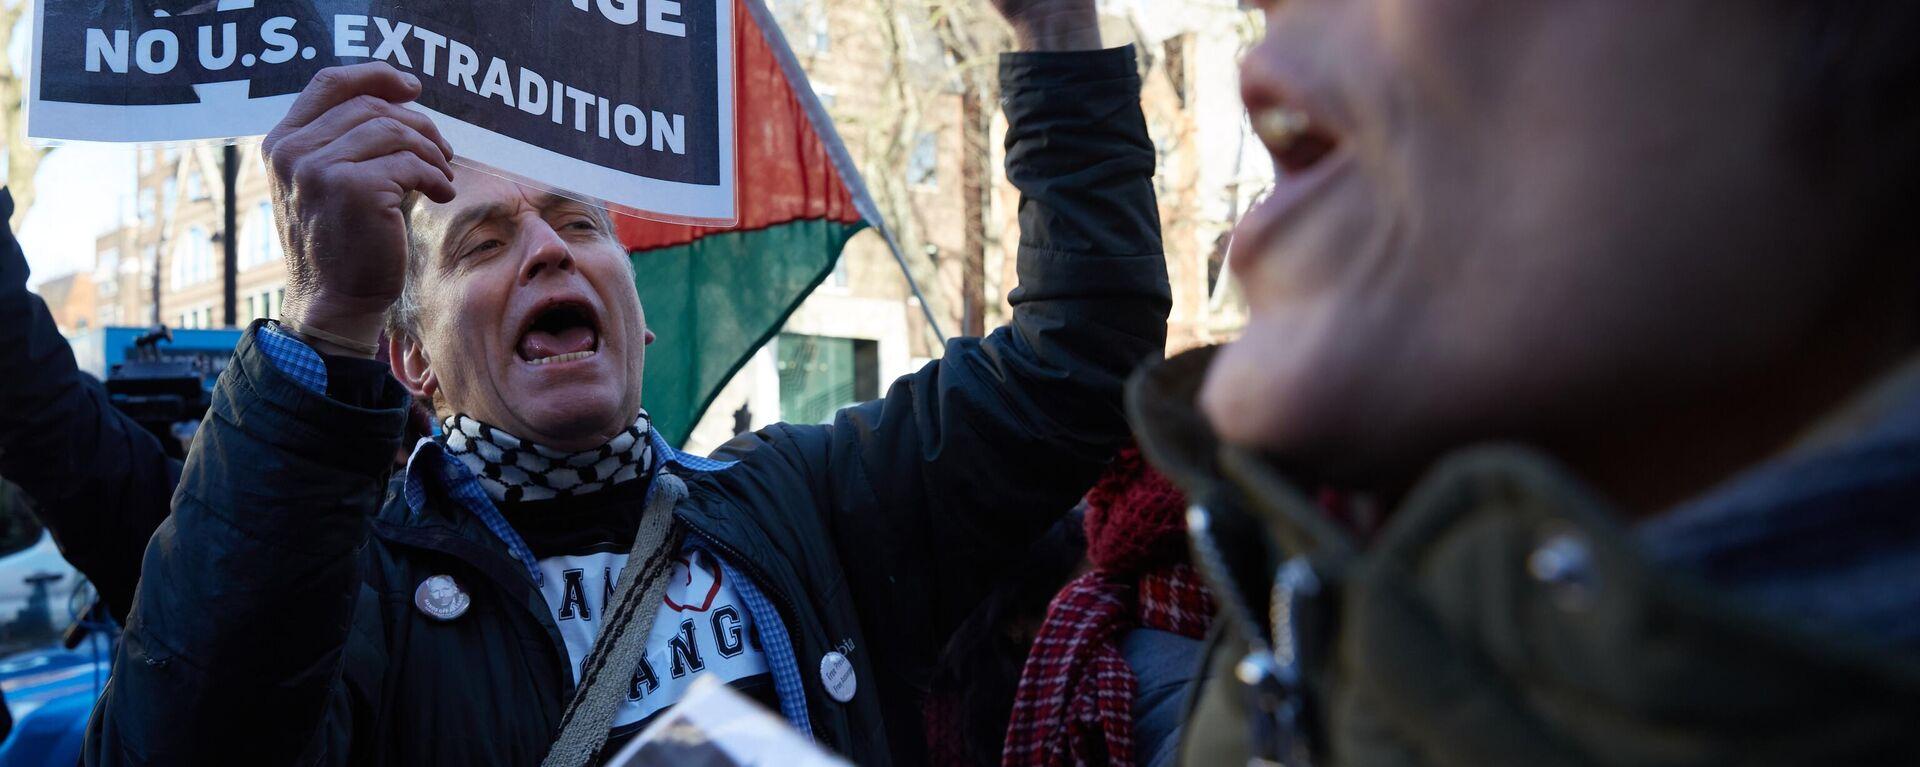 Una manifestazione a sostegno di Julian Assange - Sputnik Italia, 1920, 30.06.2021